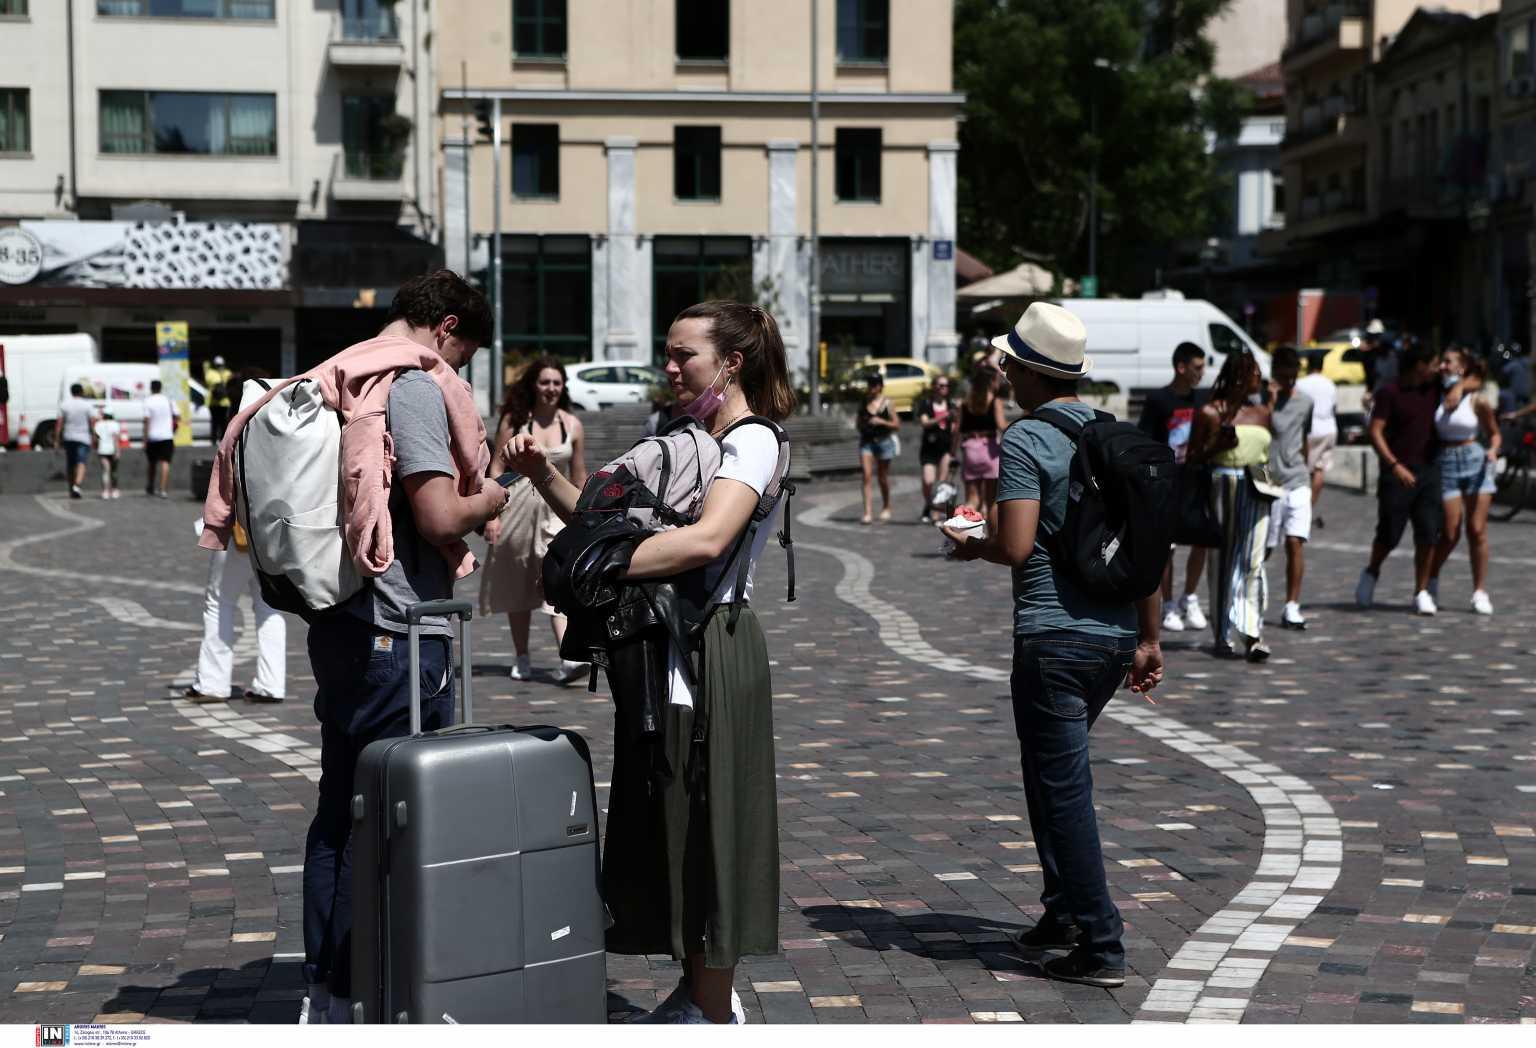 Σχεδόν 80% αυξήθηκαν φέτος σε σχέση με το 2020 οι τουρίστες στην Ελλάδα